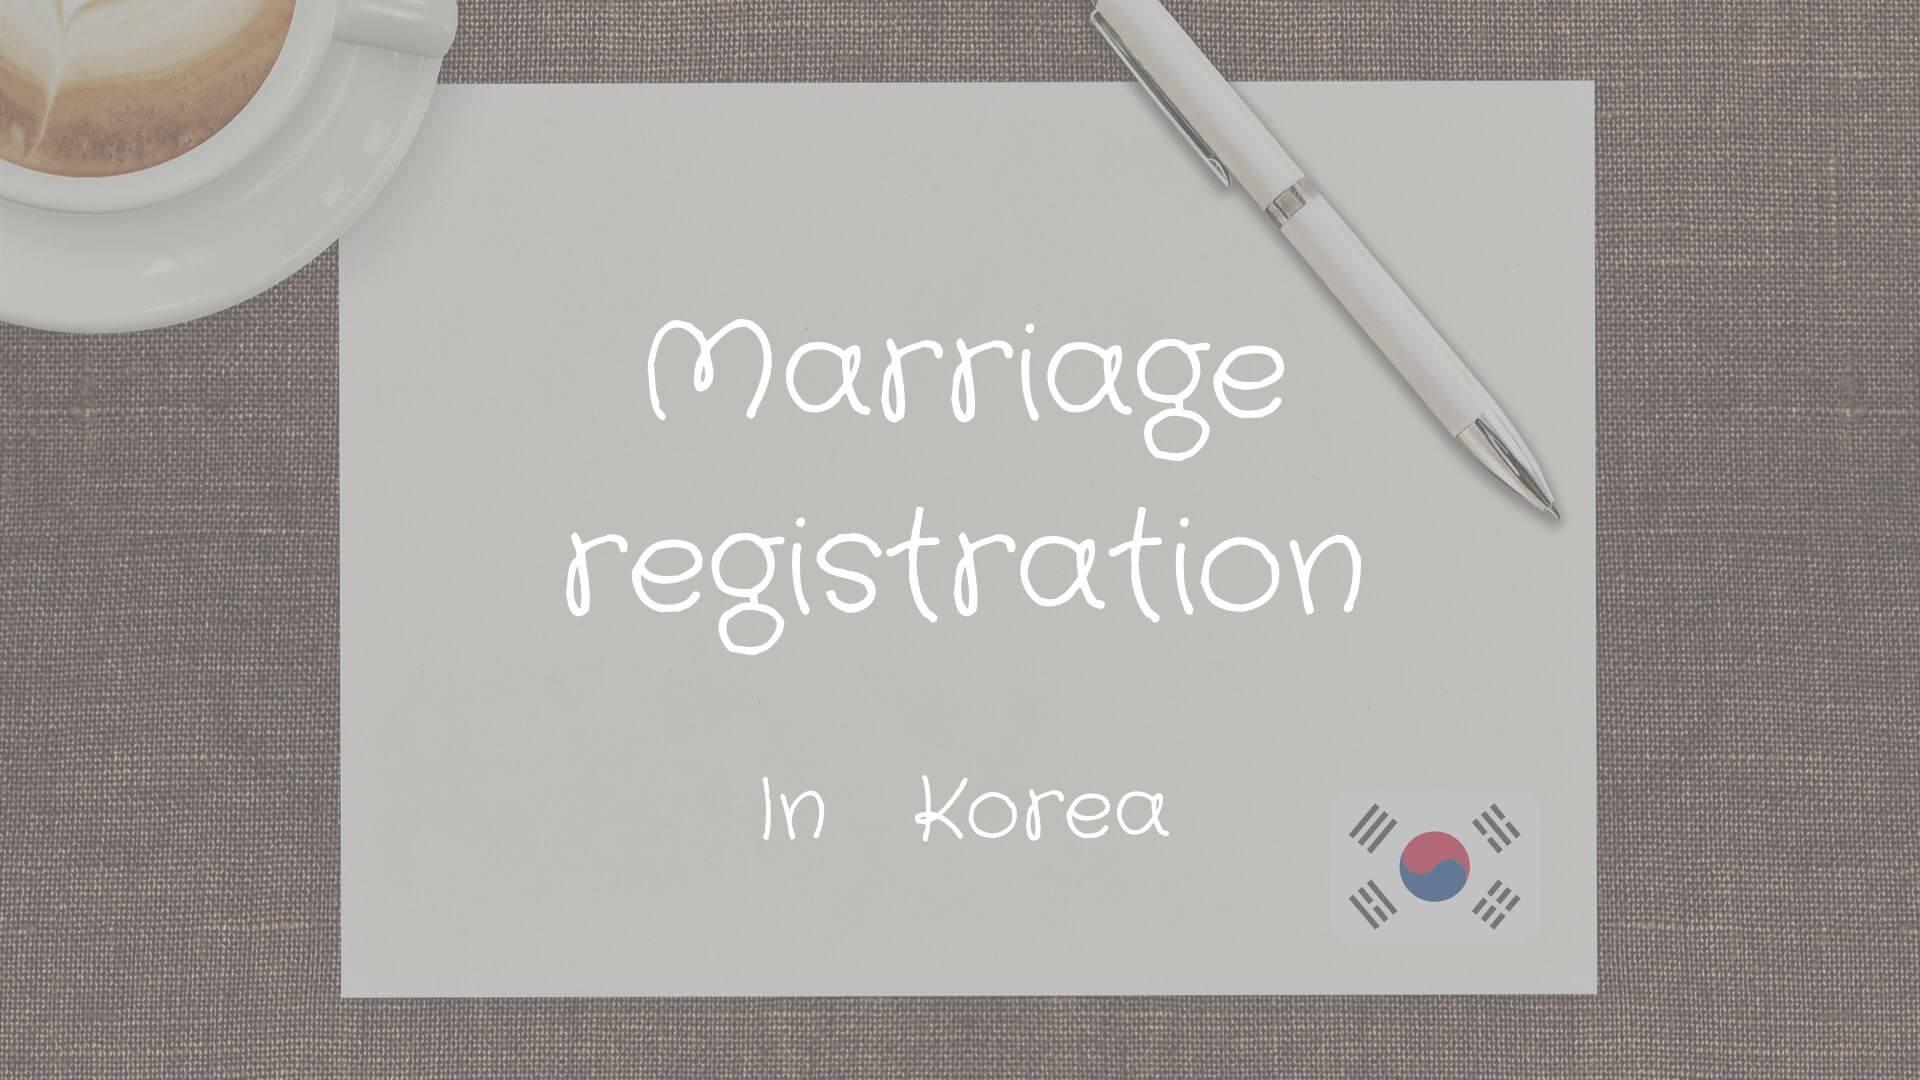 韓国から先に婚姻届けを出す